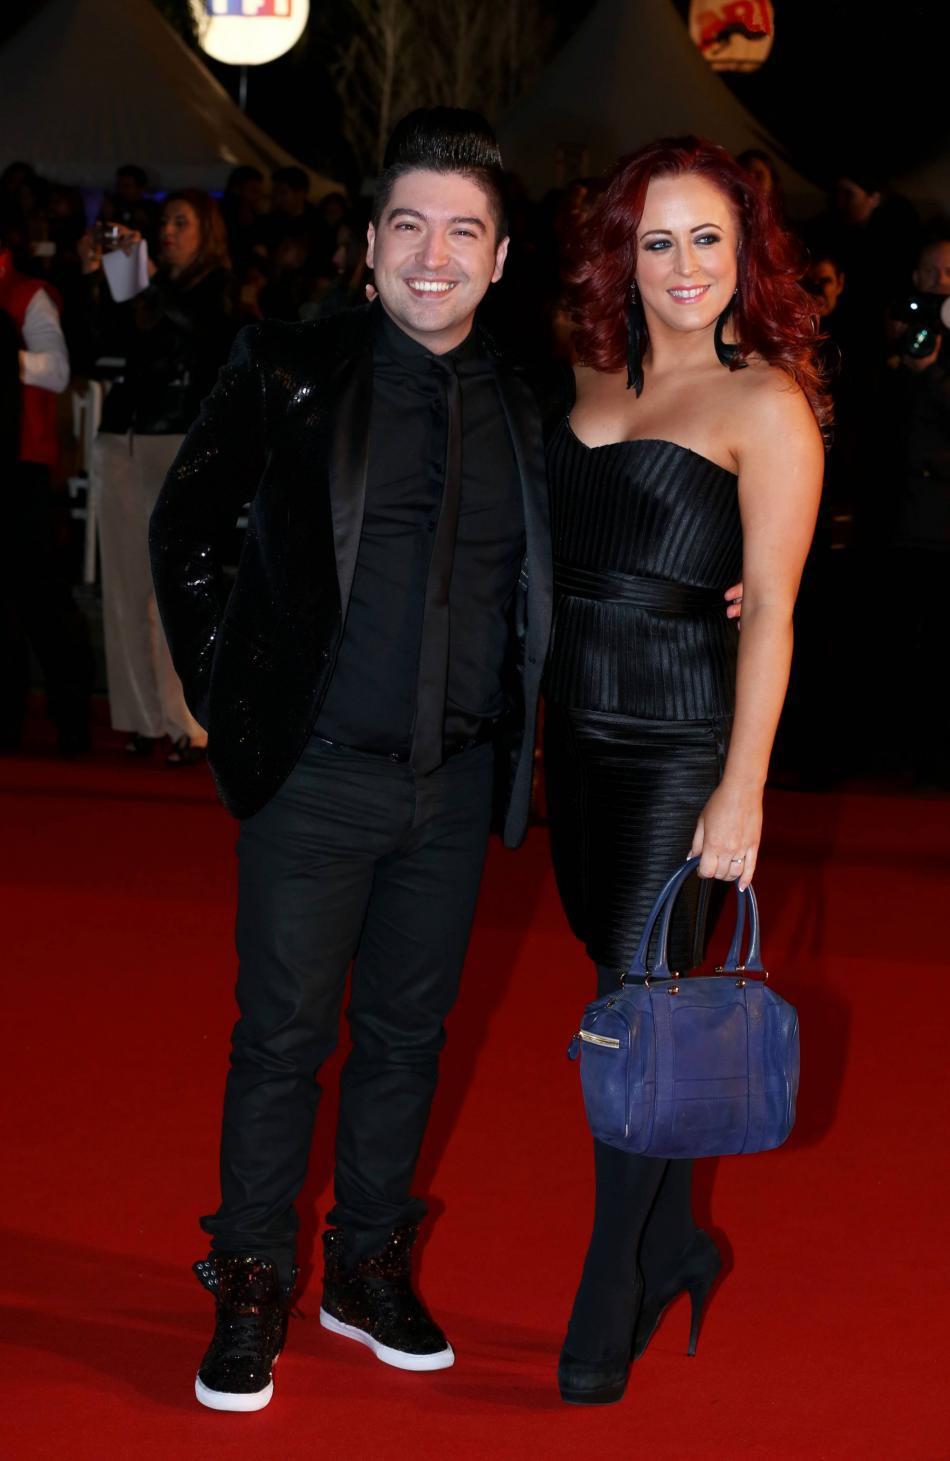 NEWS PICS Chris Marques et Jaclyn Spencer à la 15TH Édition des NRJ Music Awards 13330611